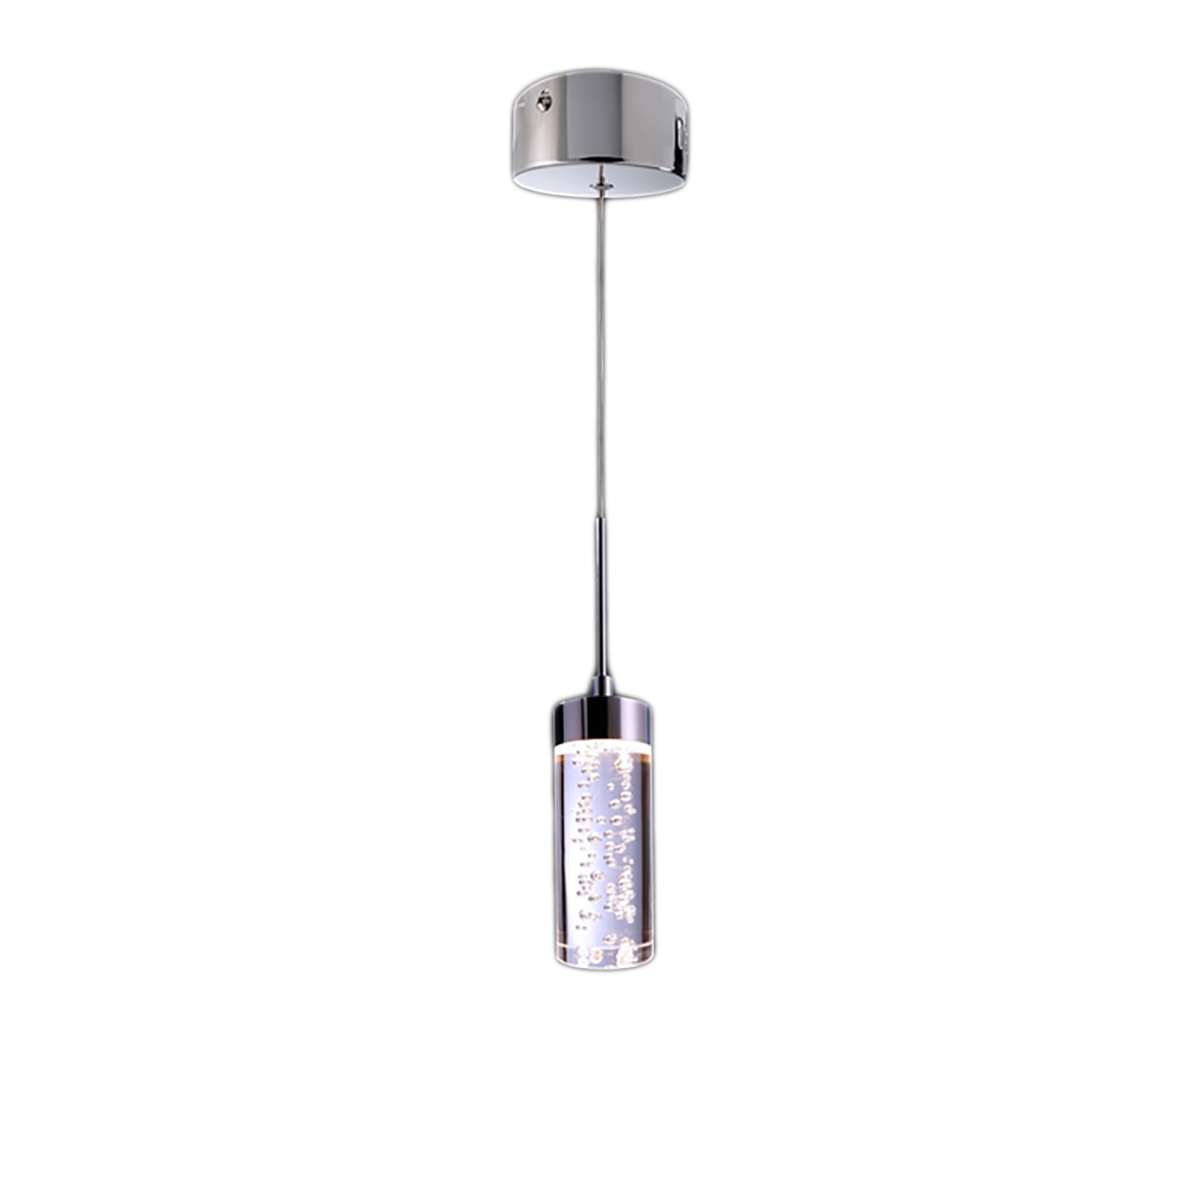 crossled: Lampe schiefer mit led, warmes licht beleuchtung tisch ...